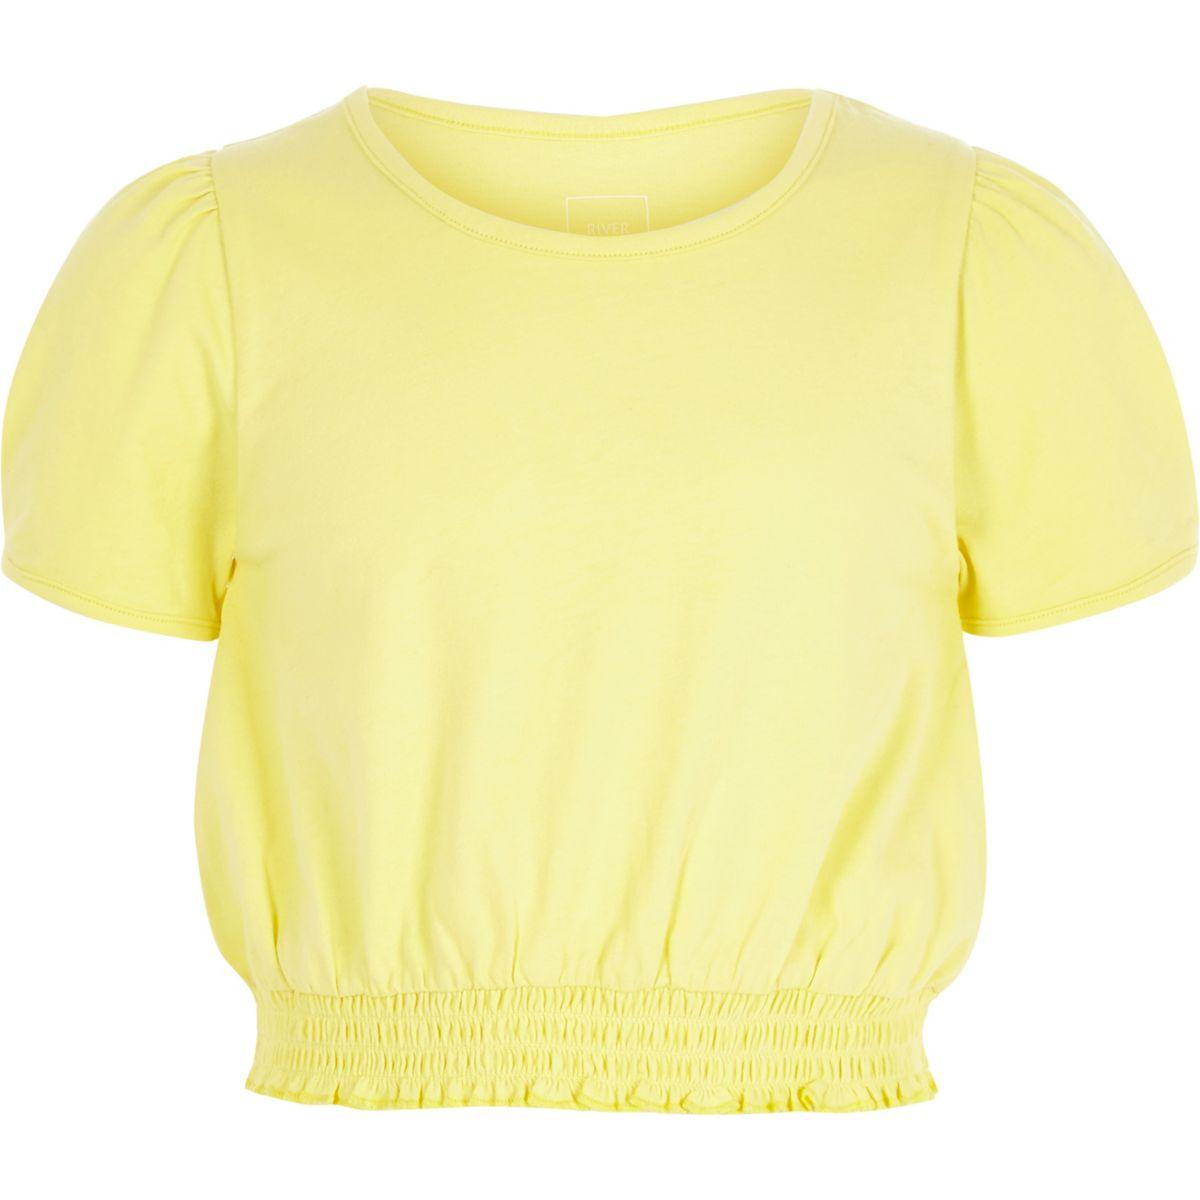 Girls yellow puff sleeve T-shirt